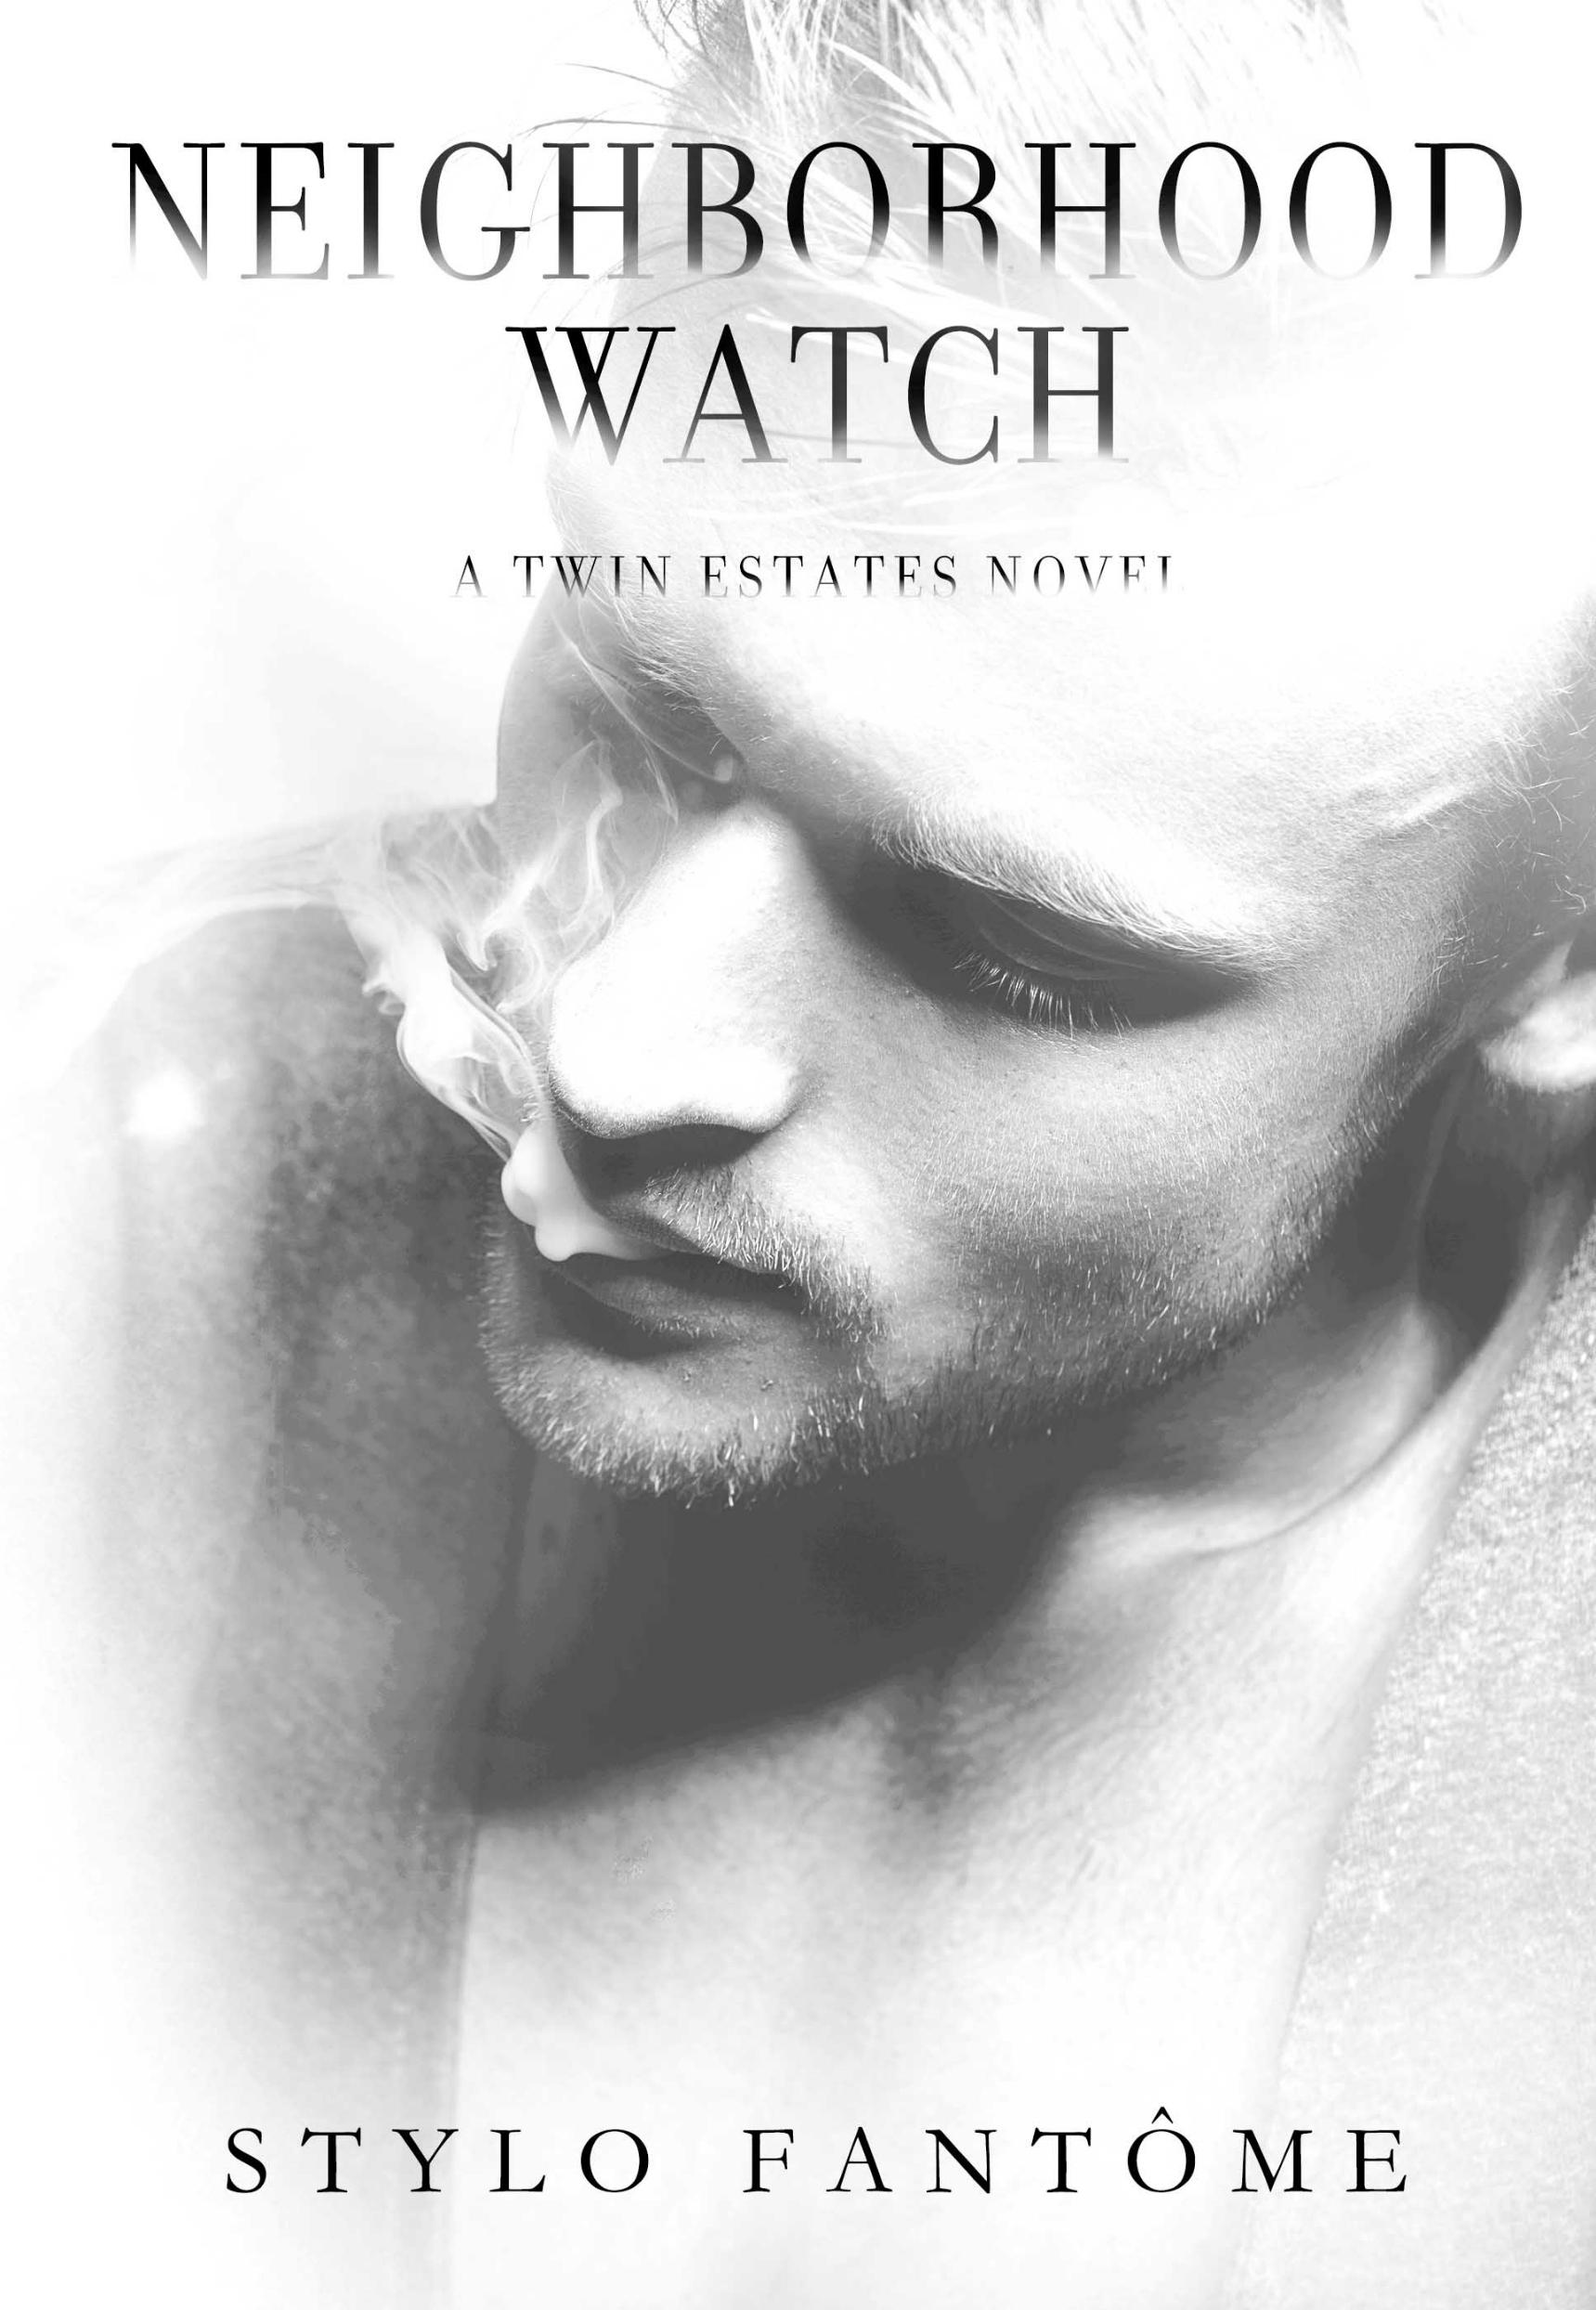 Neighborhood Watch by Stylo Fantôme